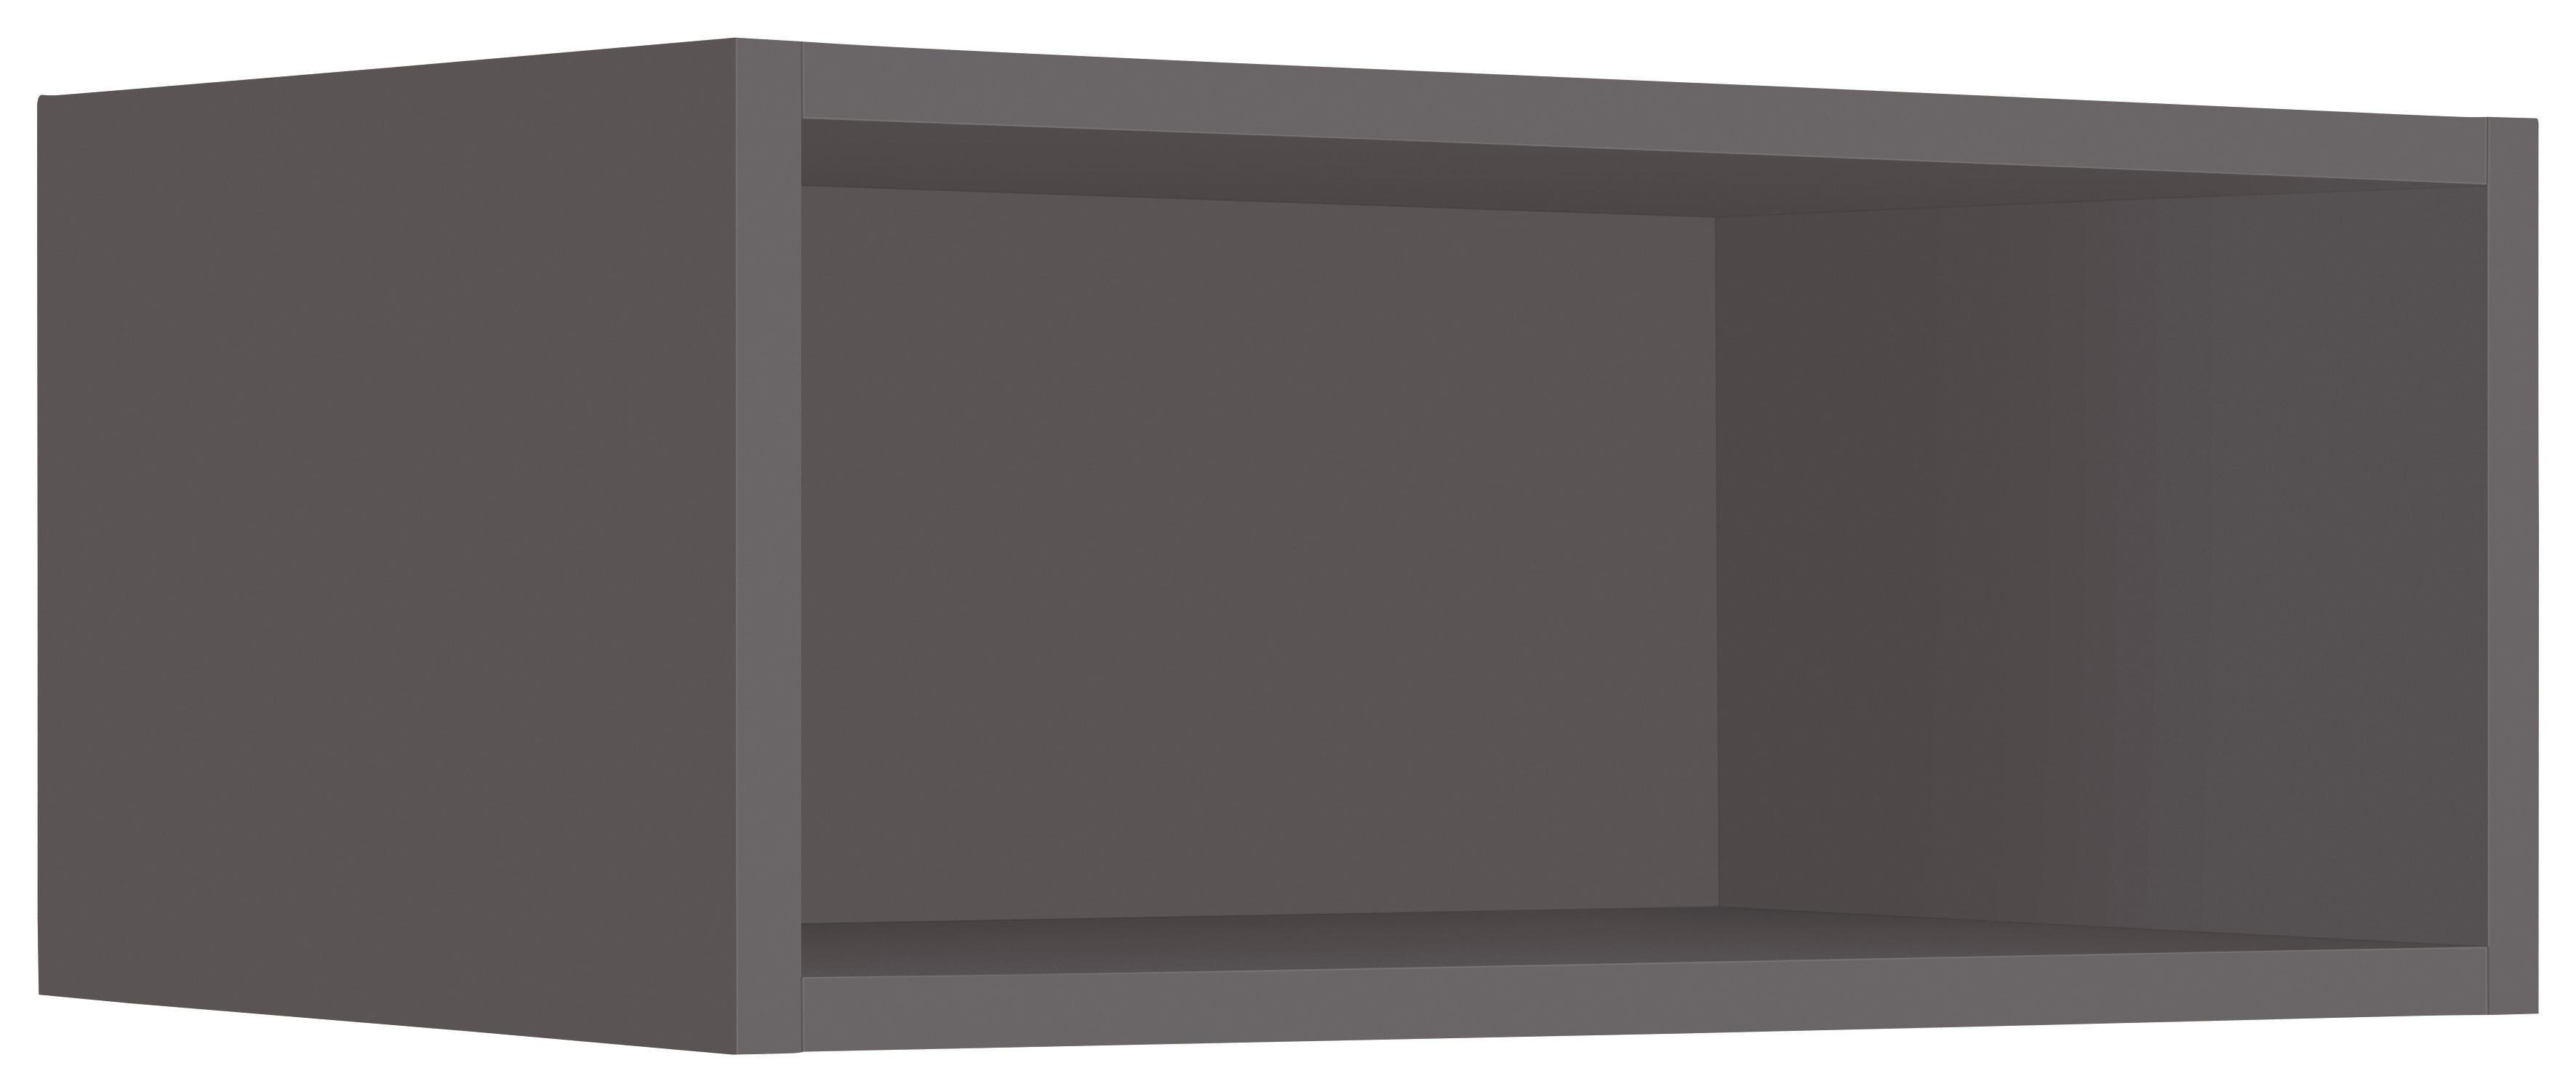 wiho Küchen Hängeregal Flexi2, Breite 50 cm grau Hängeregale Wandregale Wandboards Regale